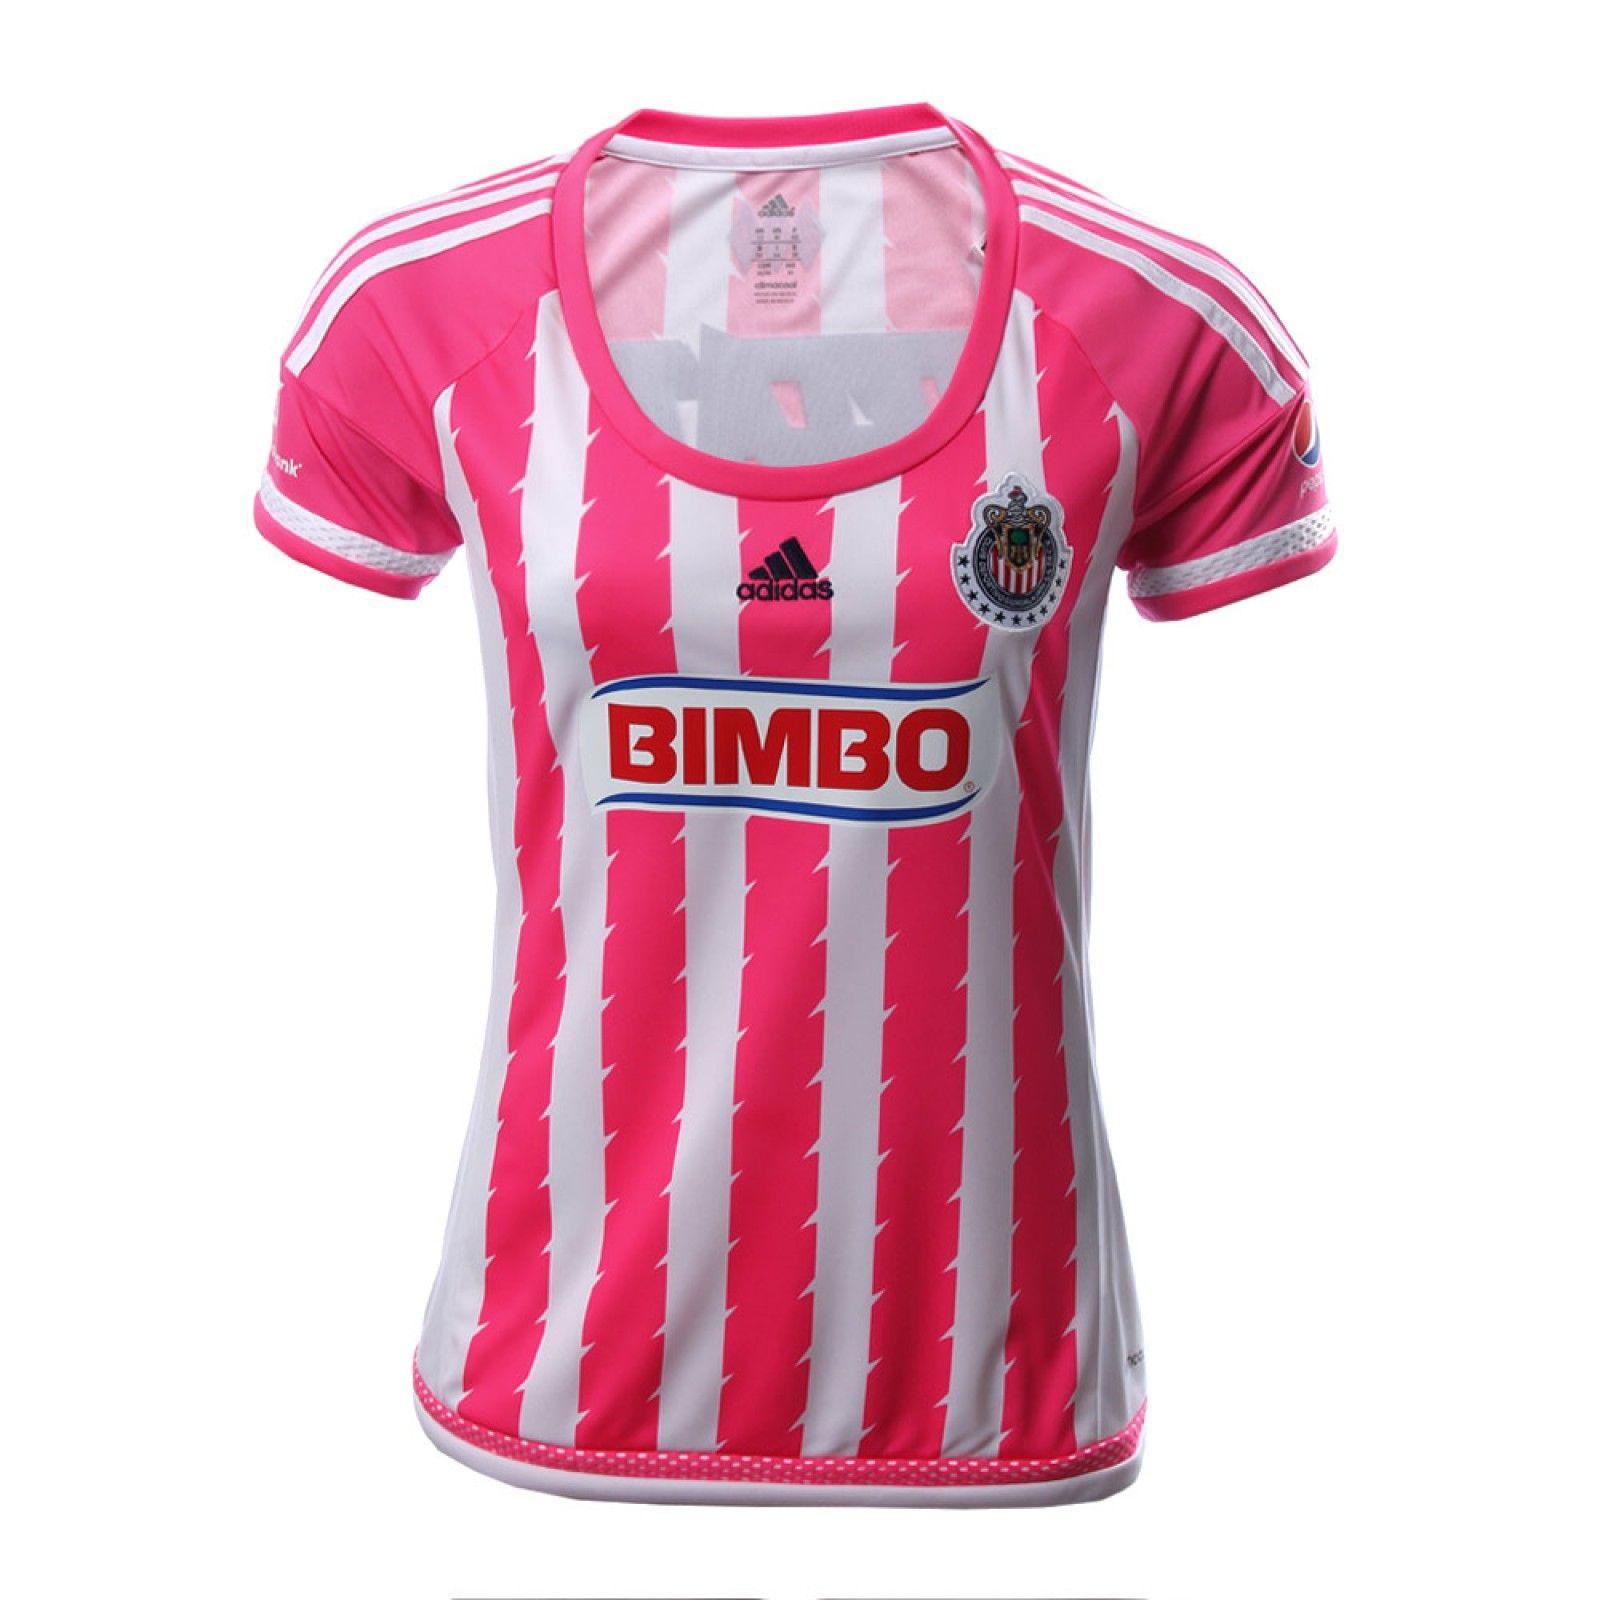 Jersey Chivas Local Rosa 15 16 - Mujer  e94101fe6b186